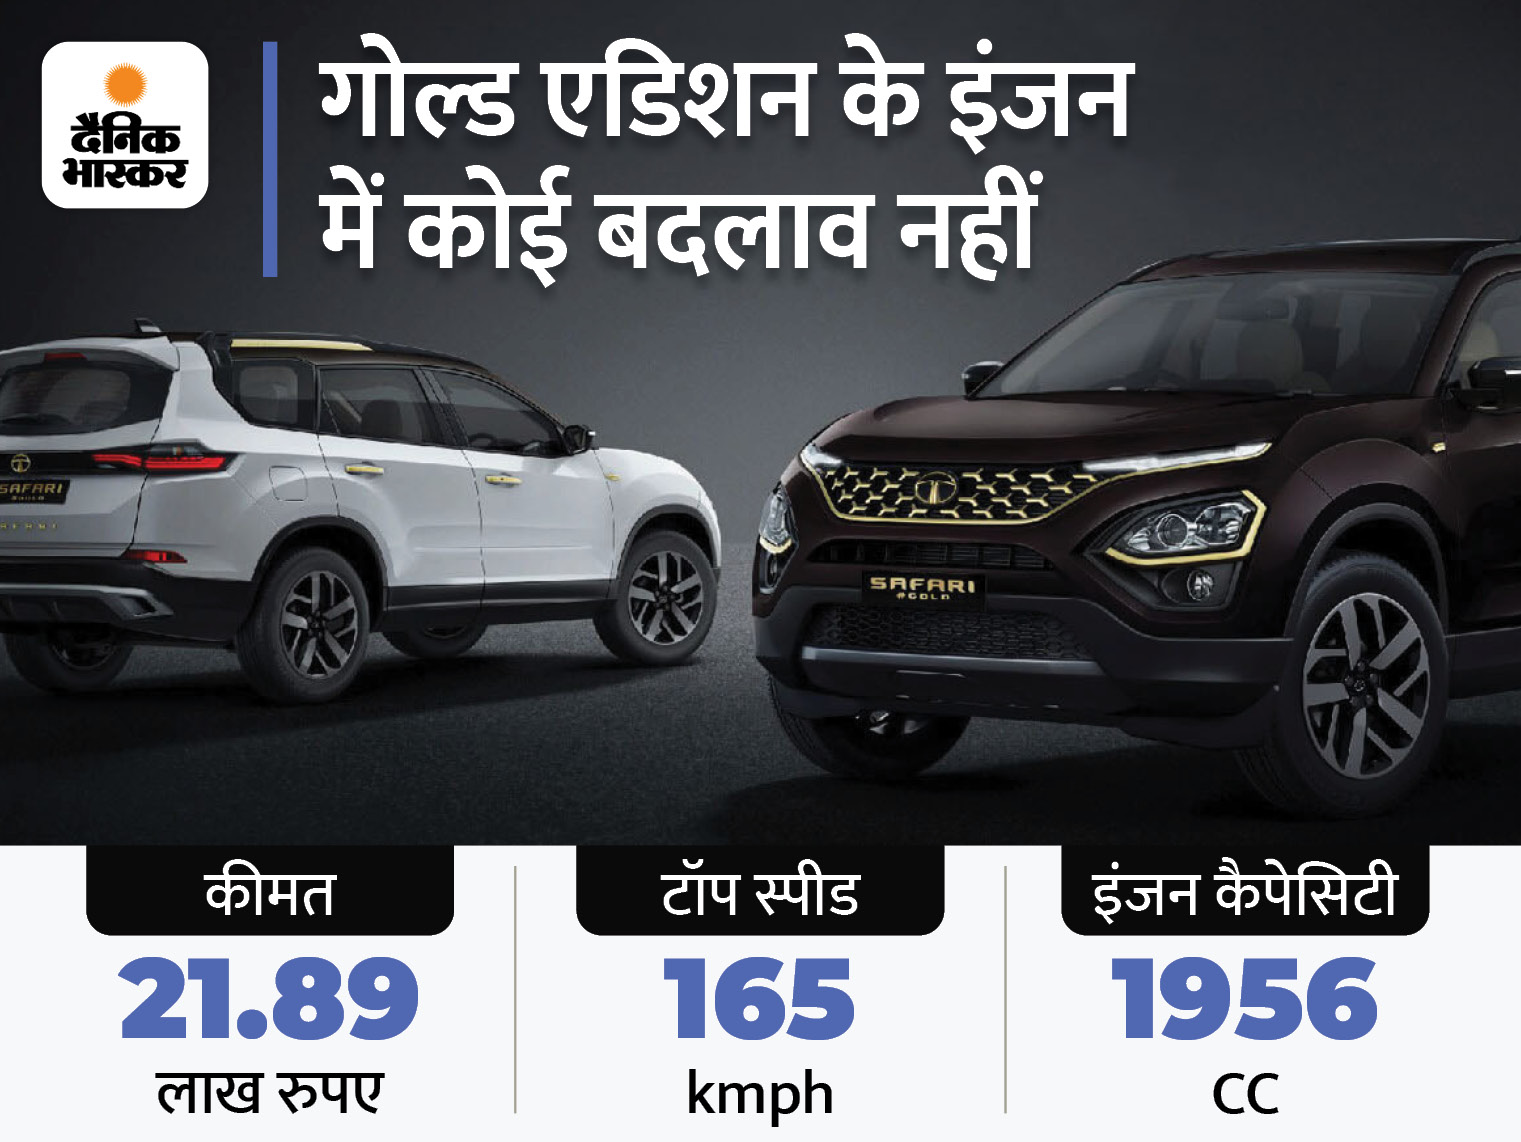 व्हाइट गोल्ड और ब्लैक गोल्ड कलर ऑप्शन मिलेंगे, कीमत 21.89 लाख रुपए से शुरू टेक & ऑटो,Tech & Auto - Dainik Bhaskar